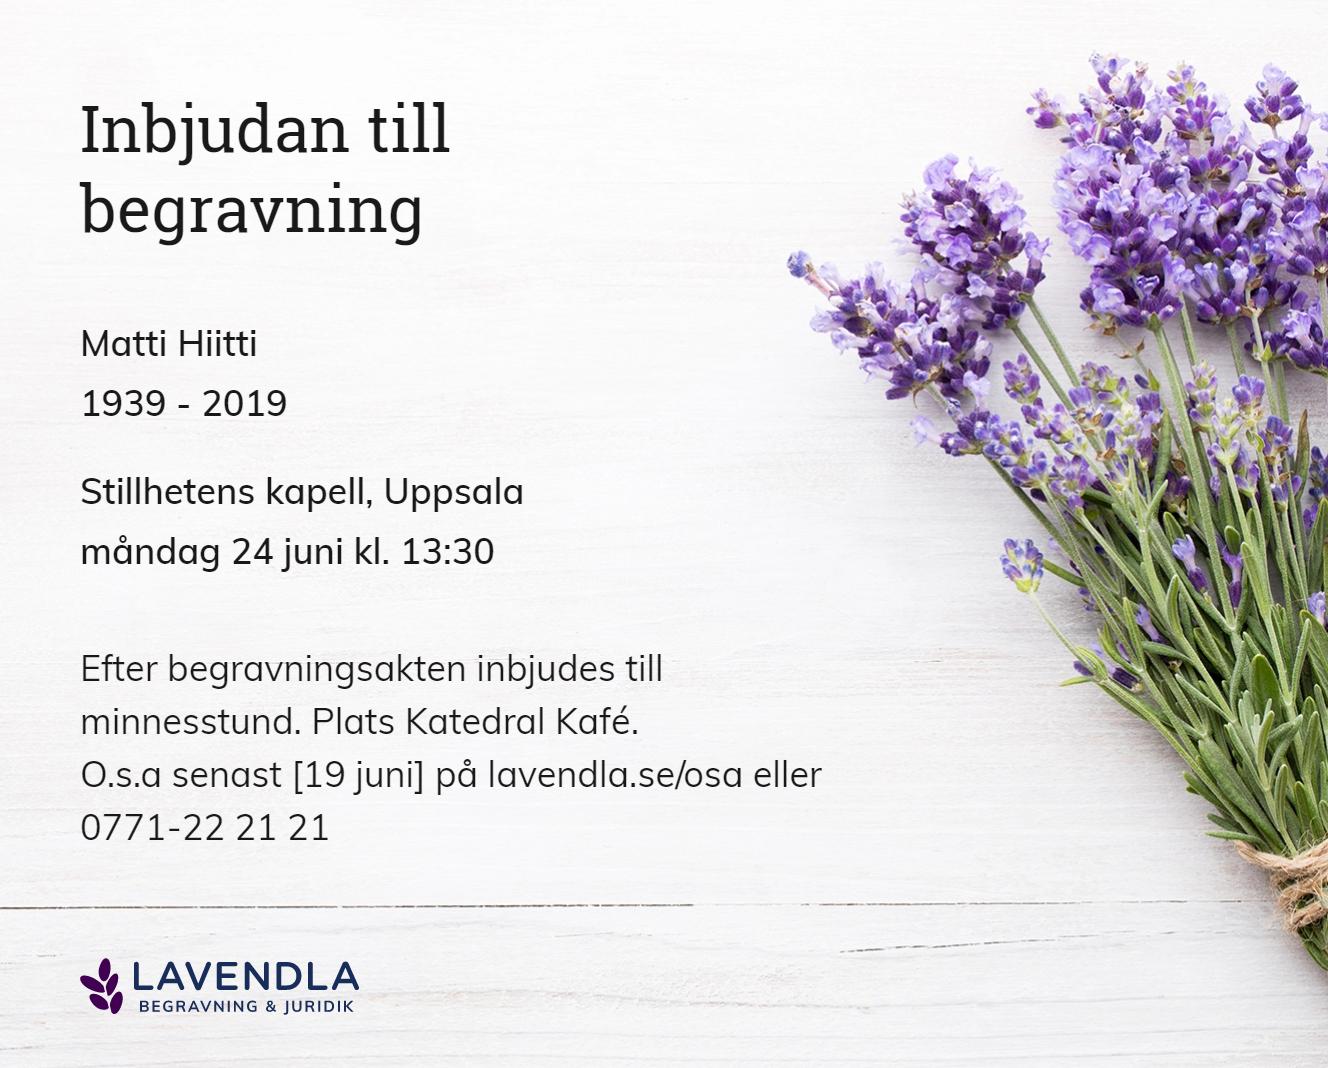 Inbjudningskort till ceremonin för Matti Hiitti